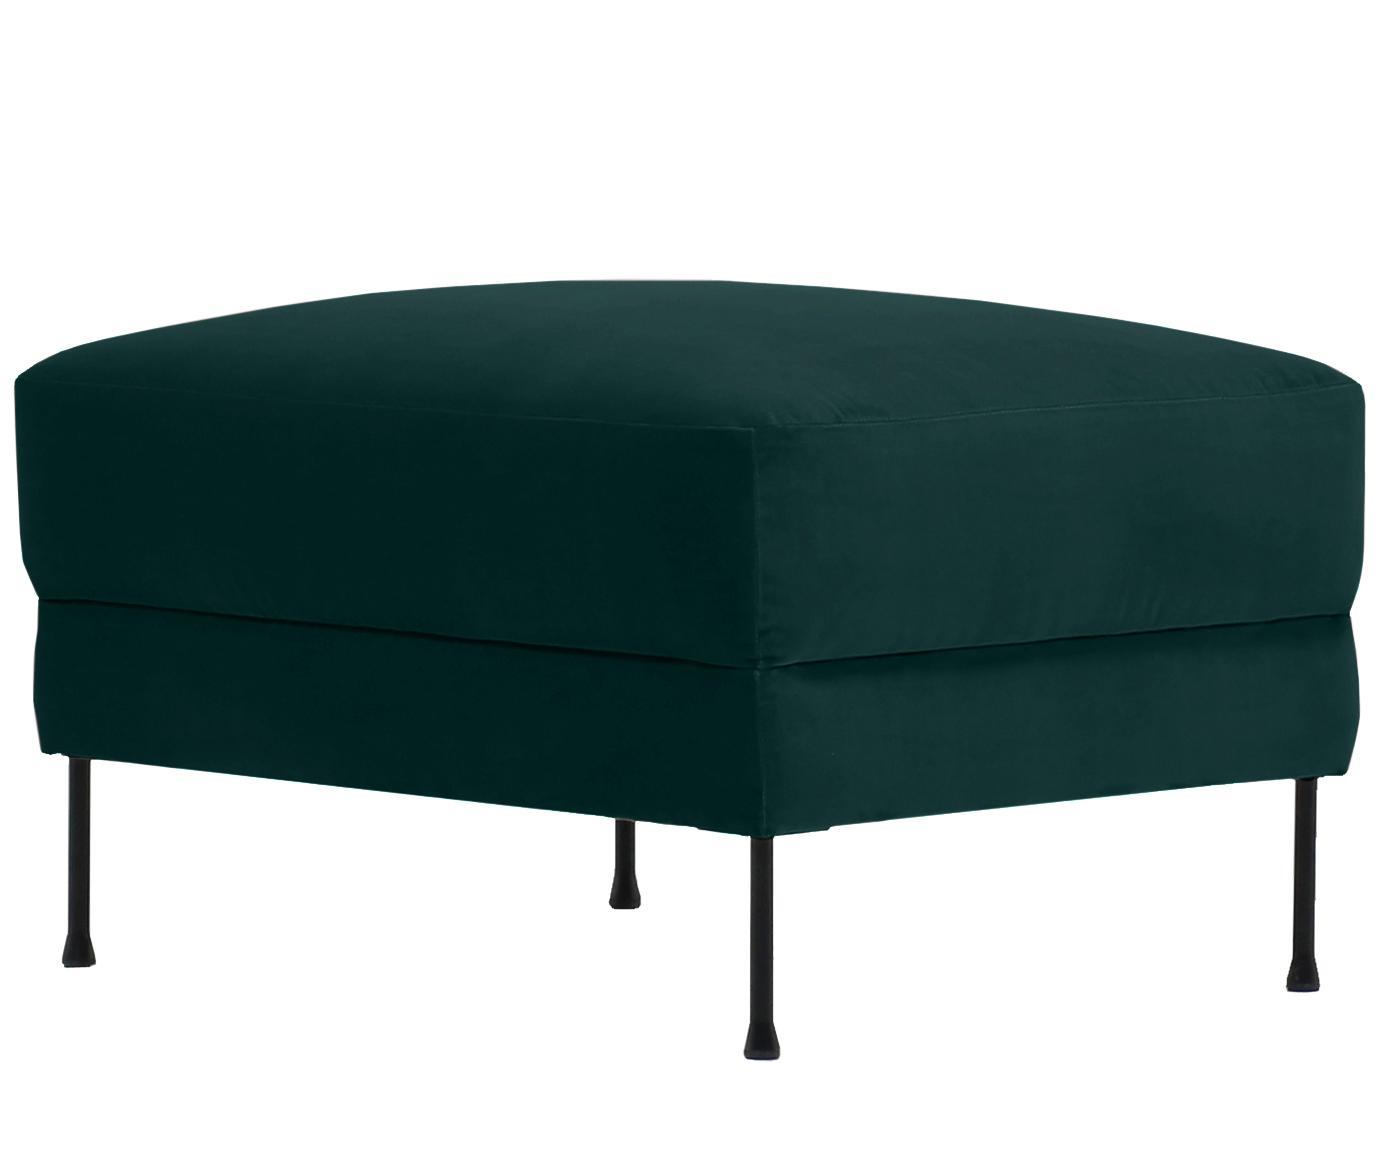 Puf z aksamitu Fluente, Tapicerka: aksamit (wysokiej jakości, Stelaż: lite drewno sosnowe, Nogi: metal lakierowany, Aksamitny ciemny zielony, S 62 x W 46 cm